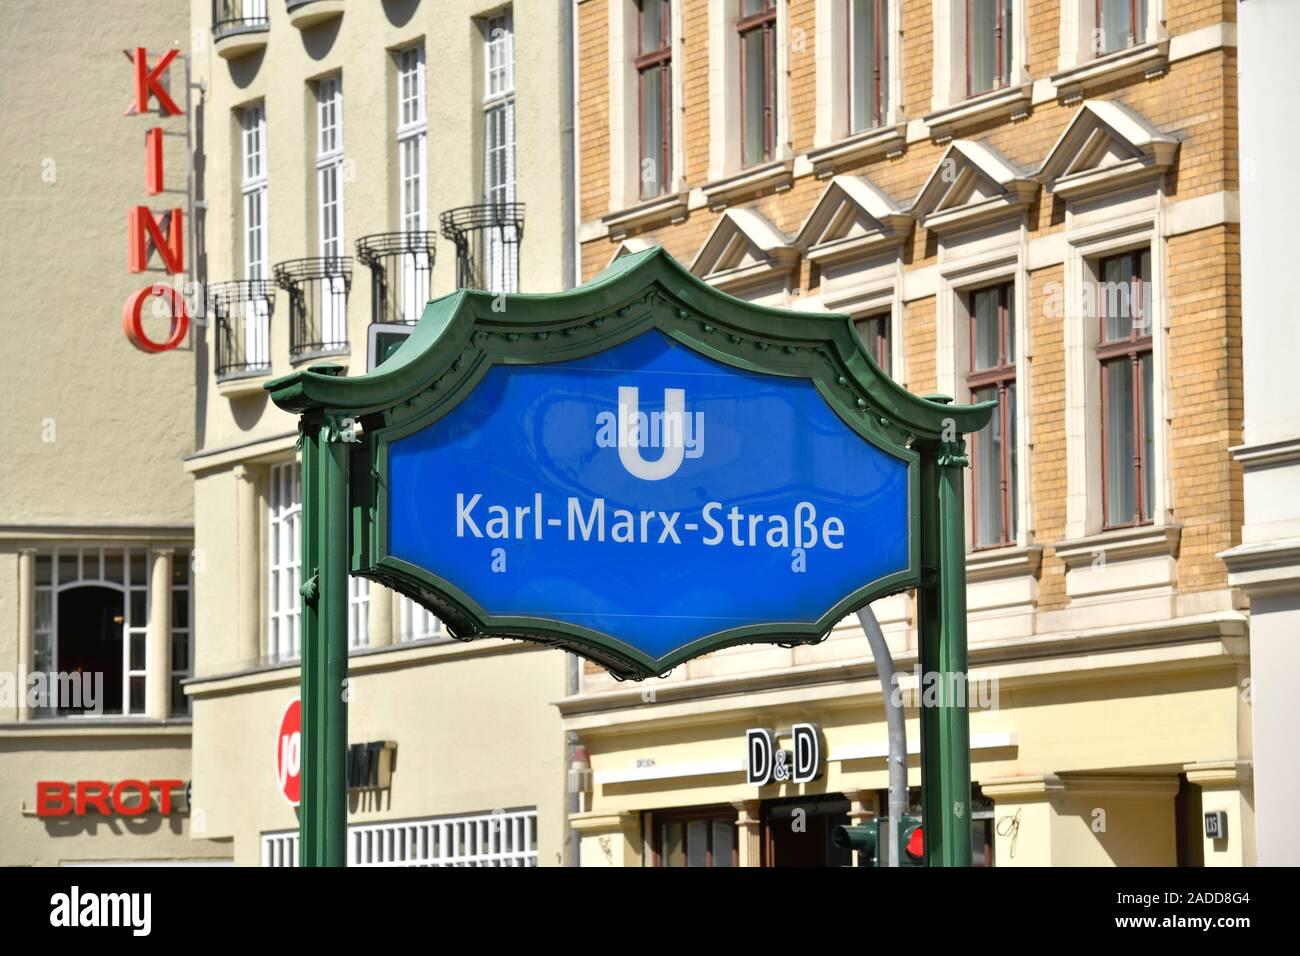 Passage Kino, Karl-Marx-Straße, Neukölln, Berlin, Deutschland Stock Photo